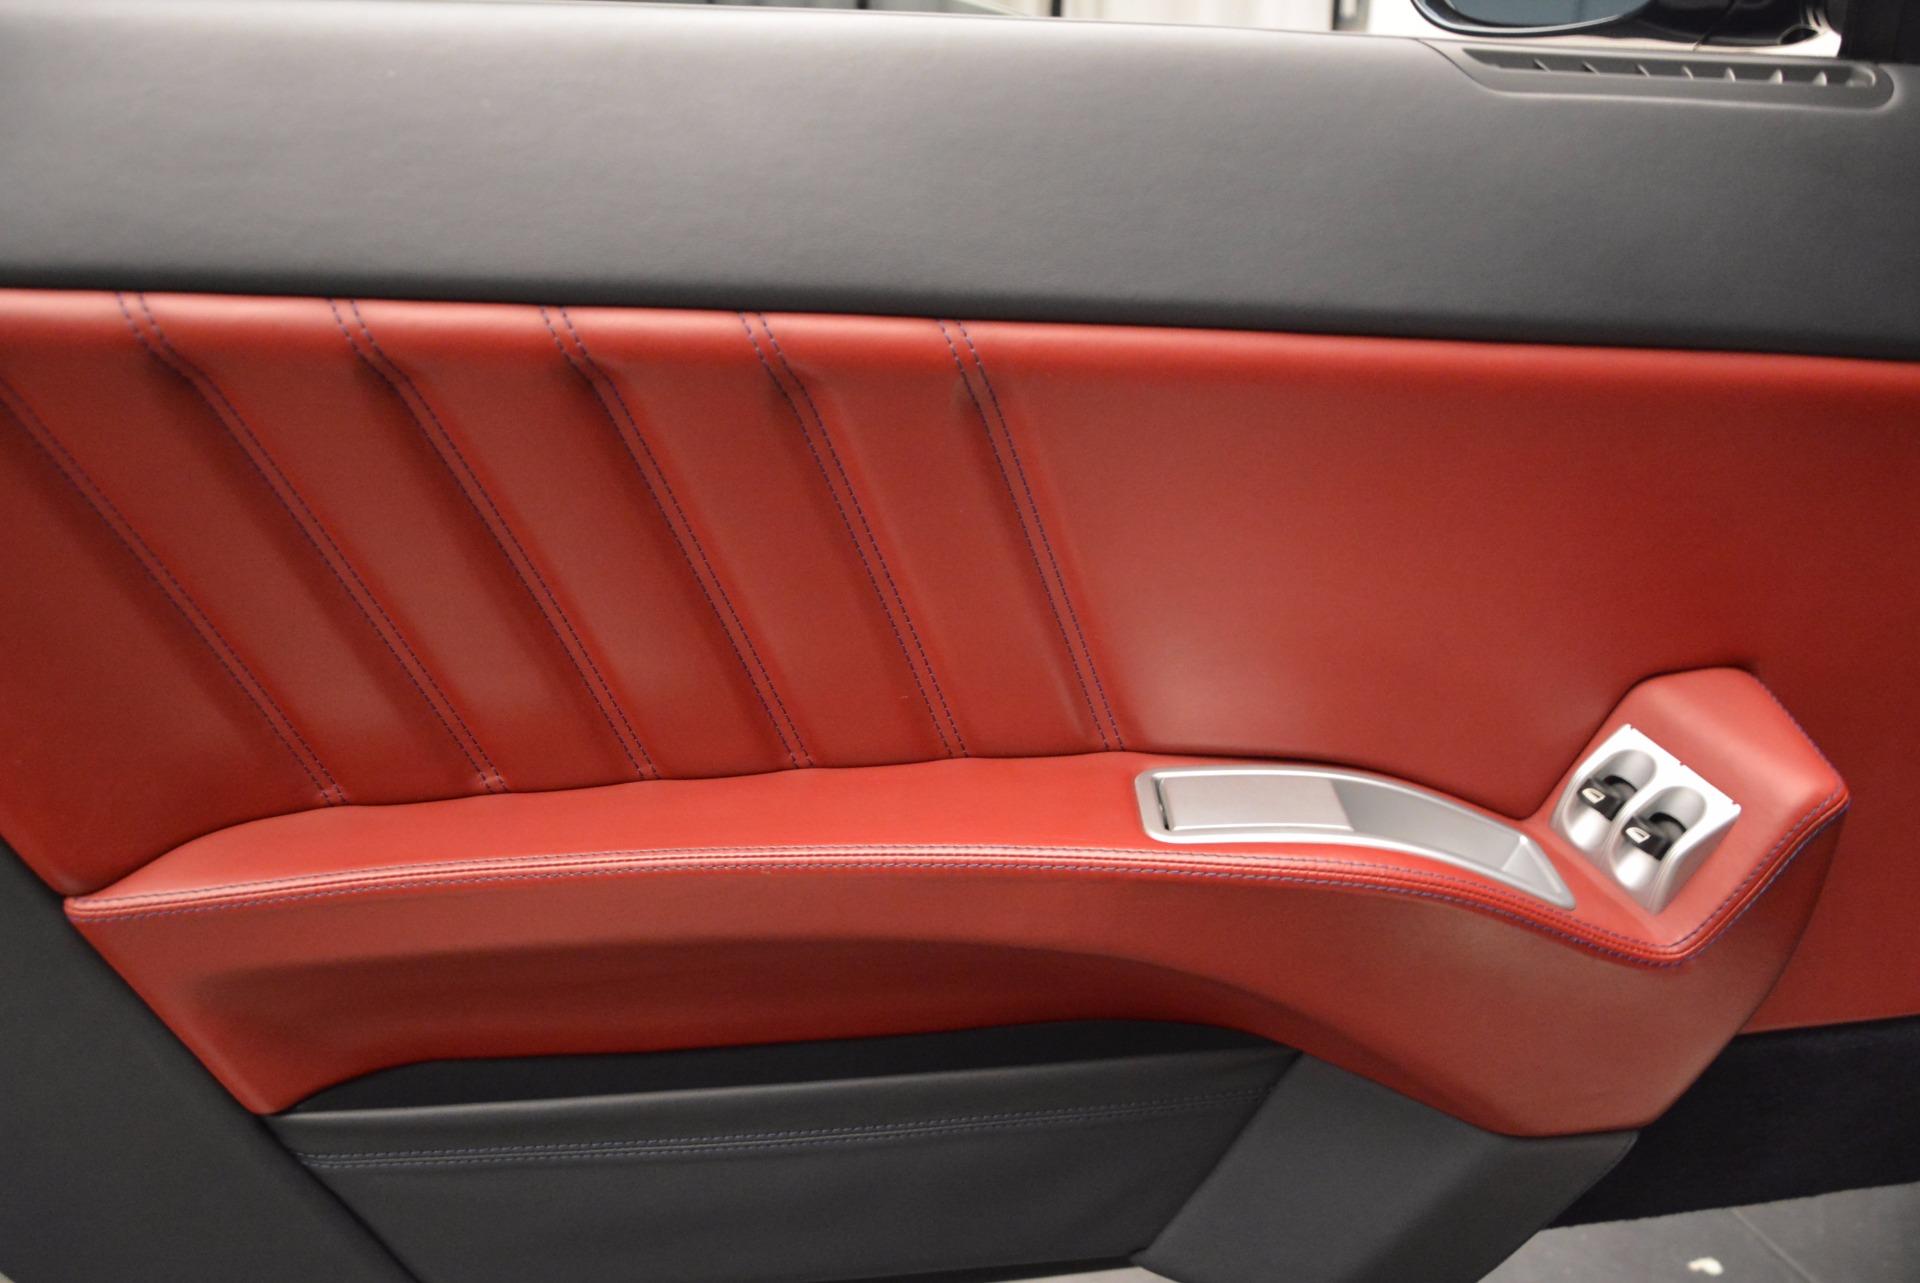 Used 2005 Ferrari 612 Scaglietti 6-Speed Manual For Sale In Greenwich, CT 854_p16